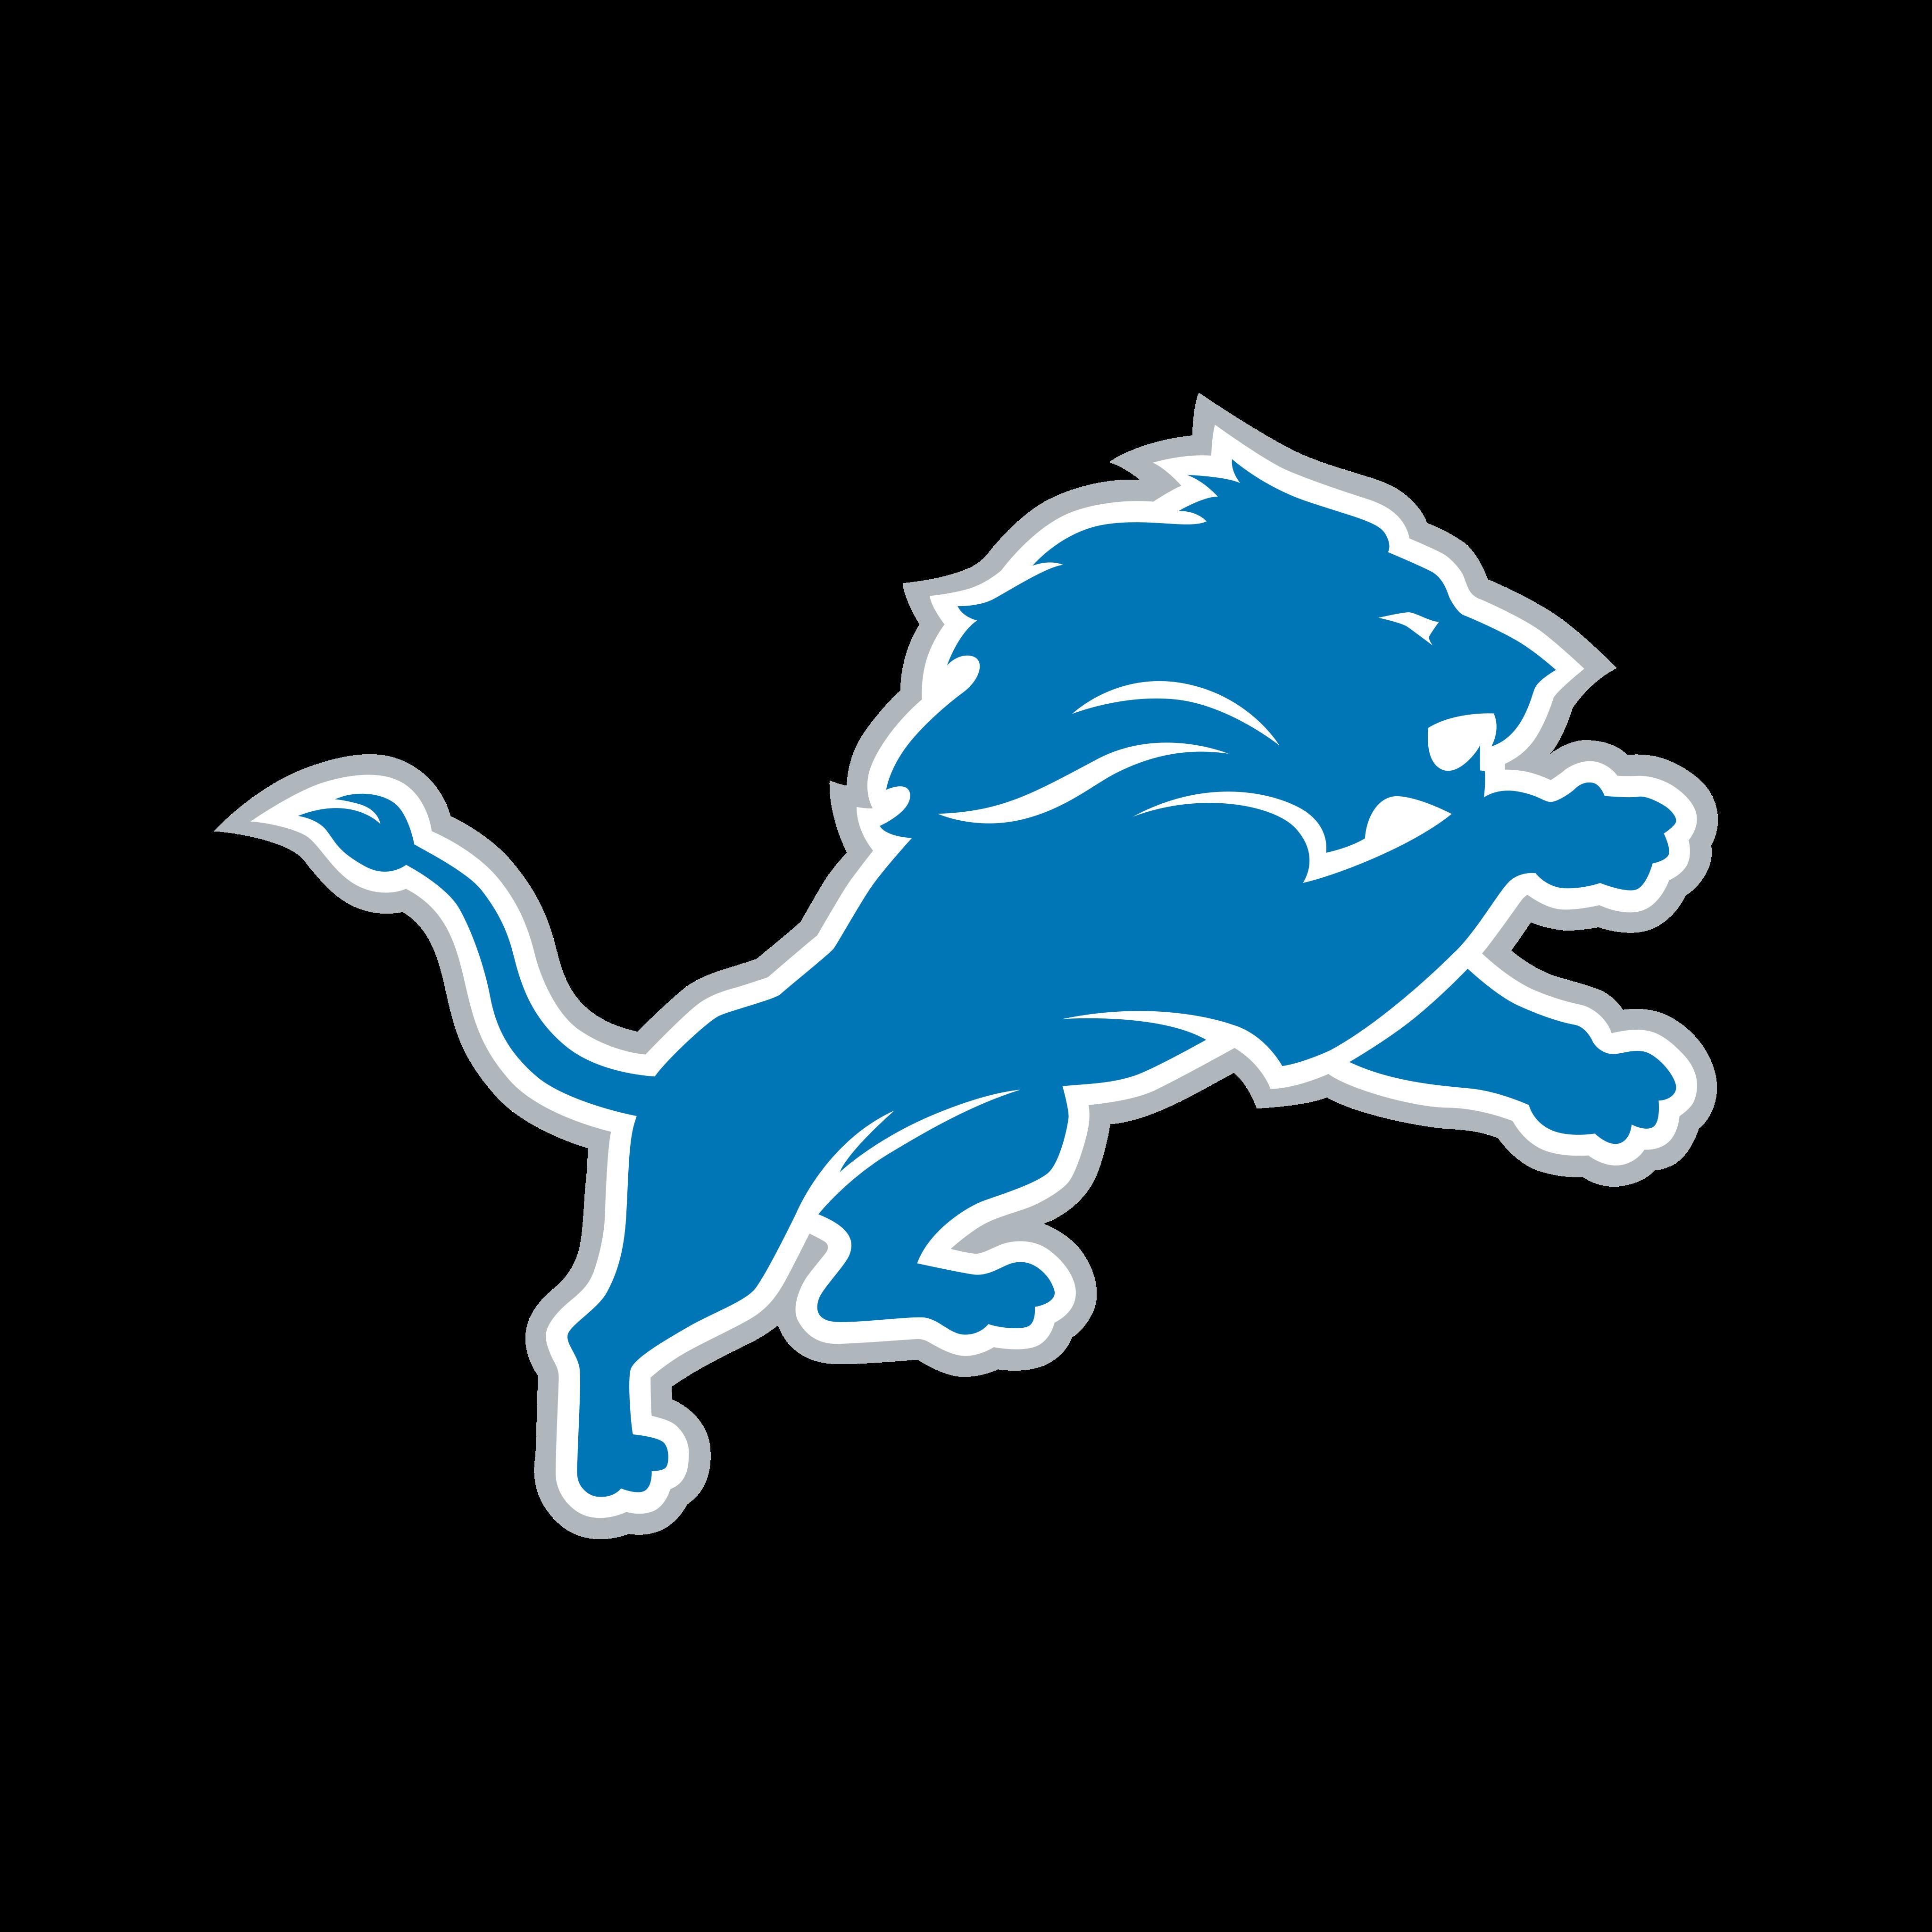 detroit lions logo 0 - Detroit Lions Logo